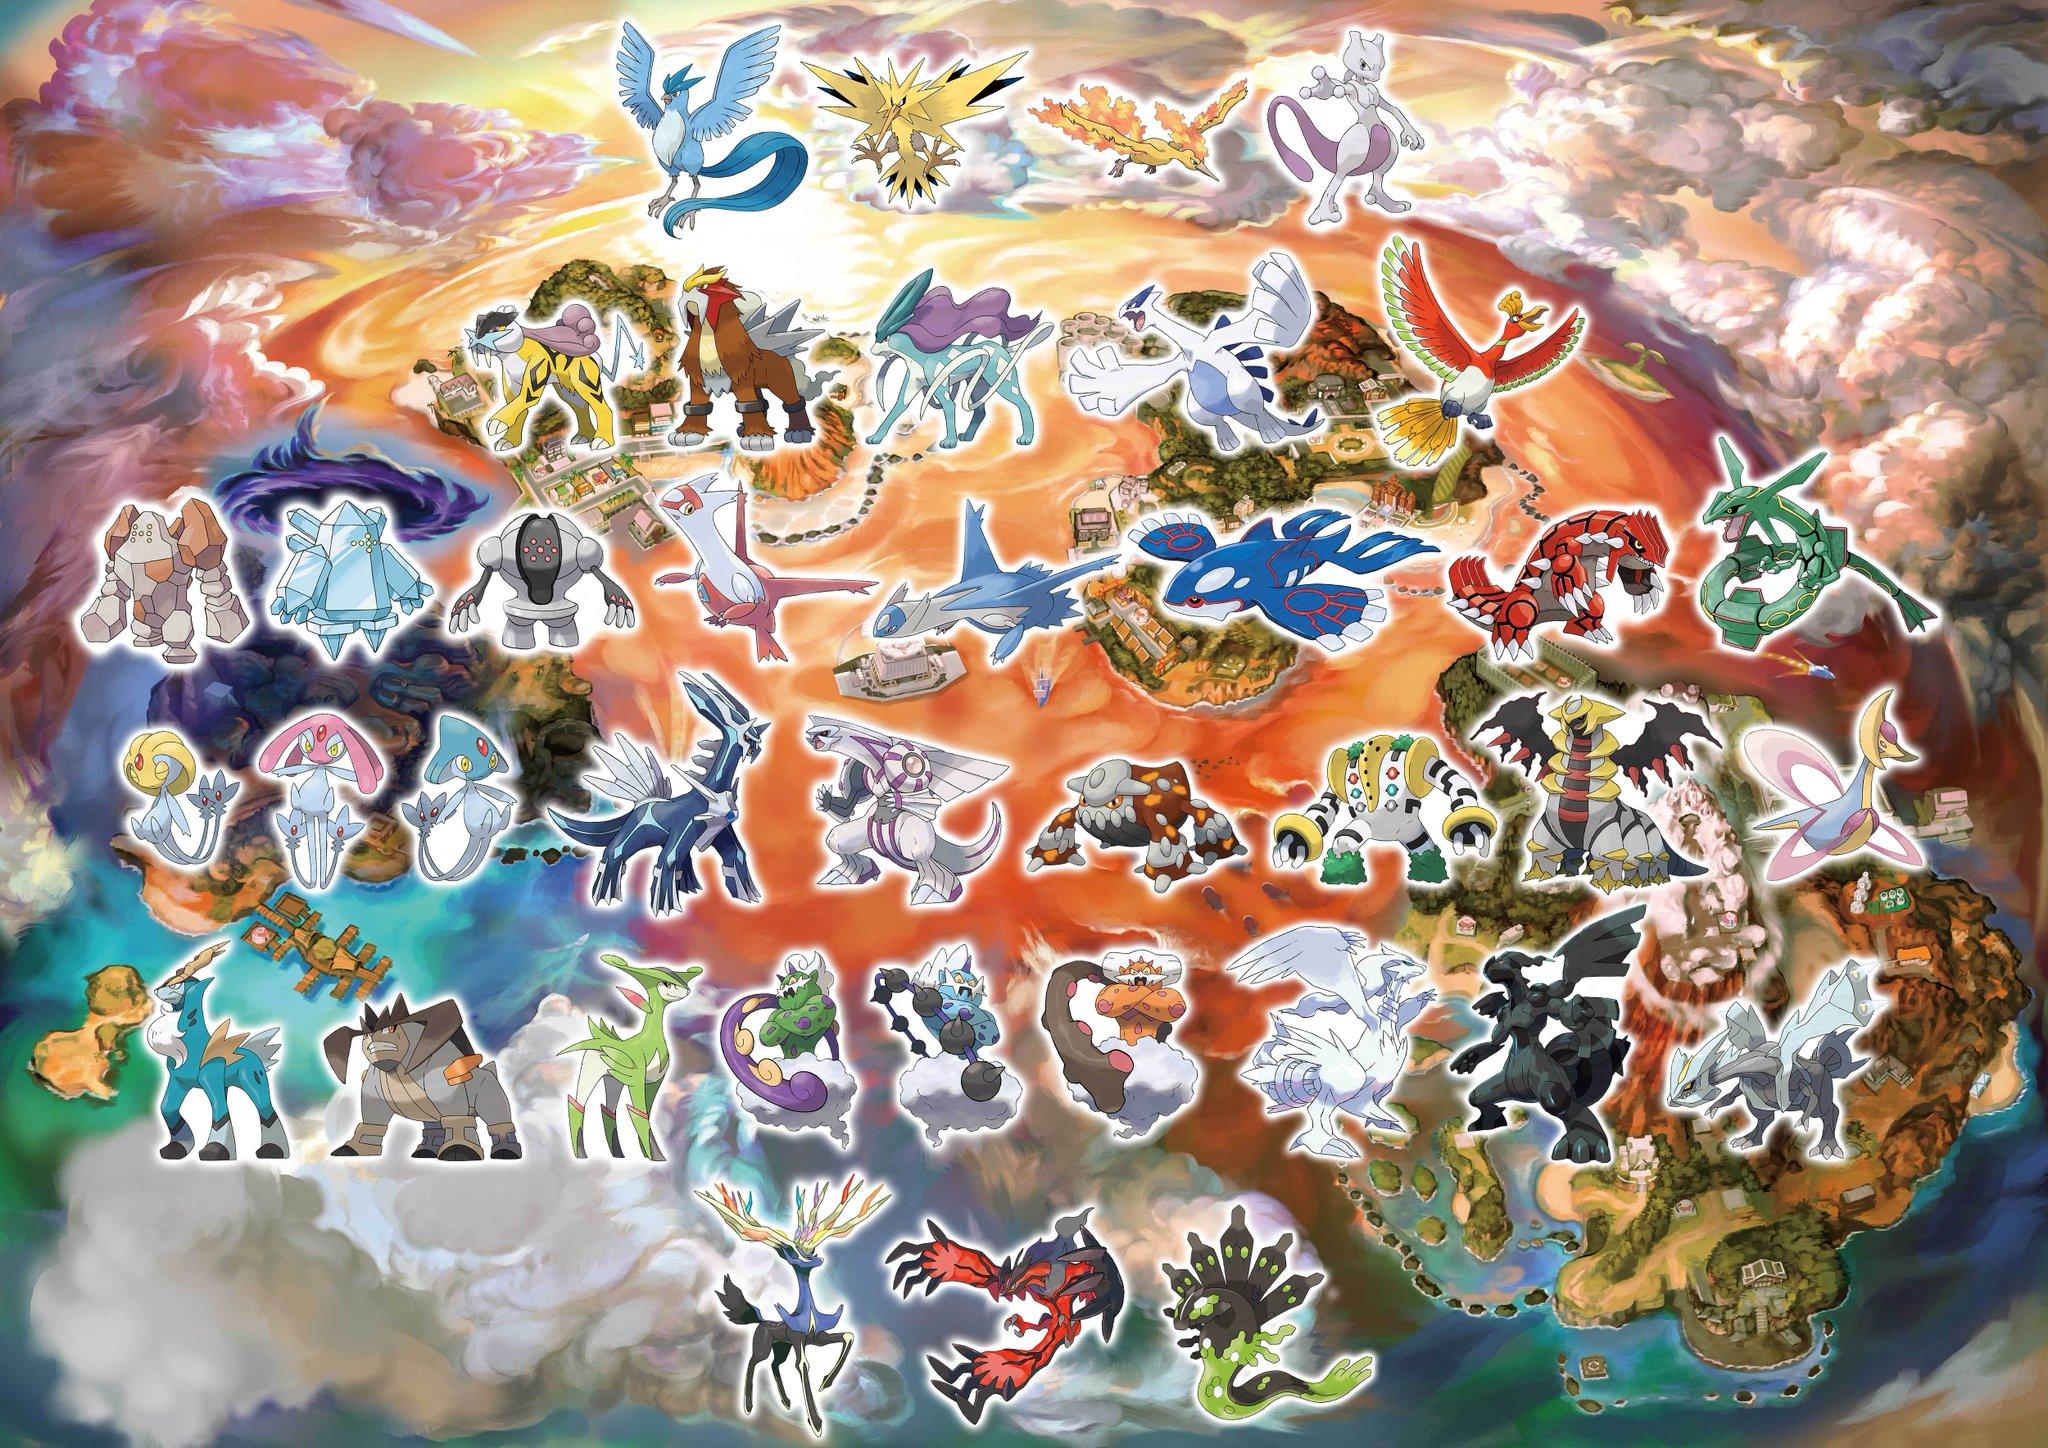 ポケモンusum】過去作の伝説ポケモン全種類登場が公式発表。legacy